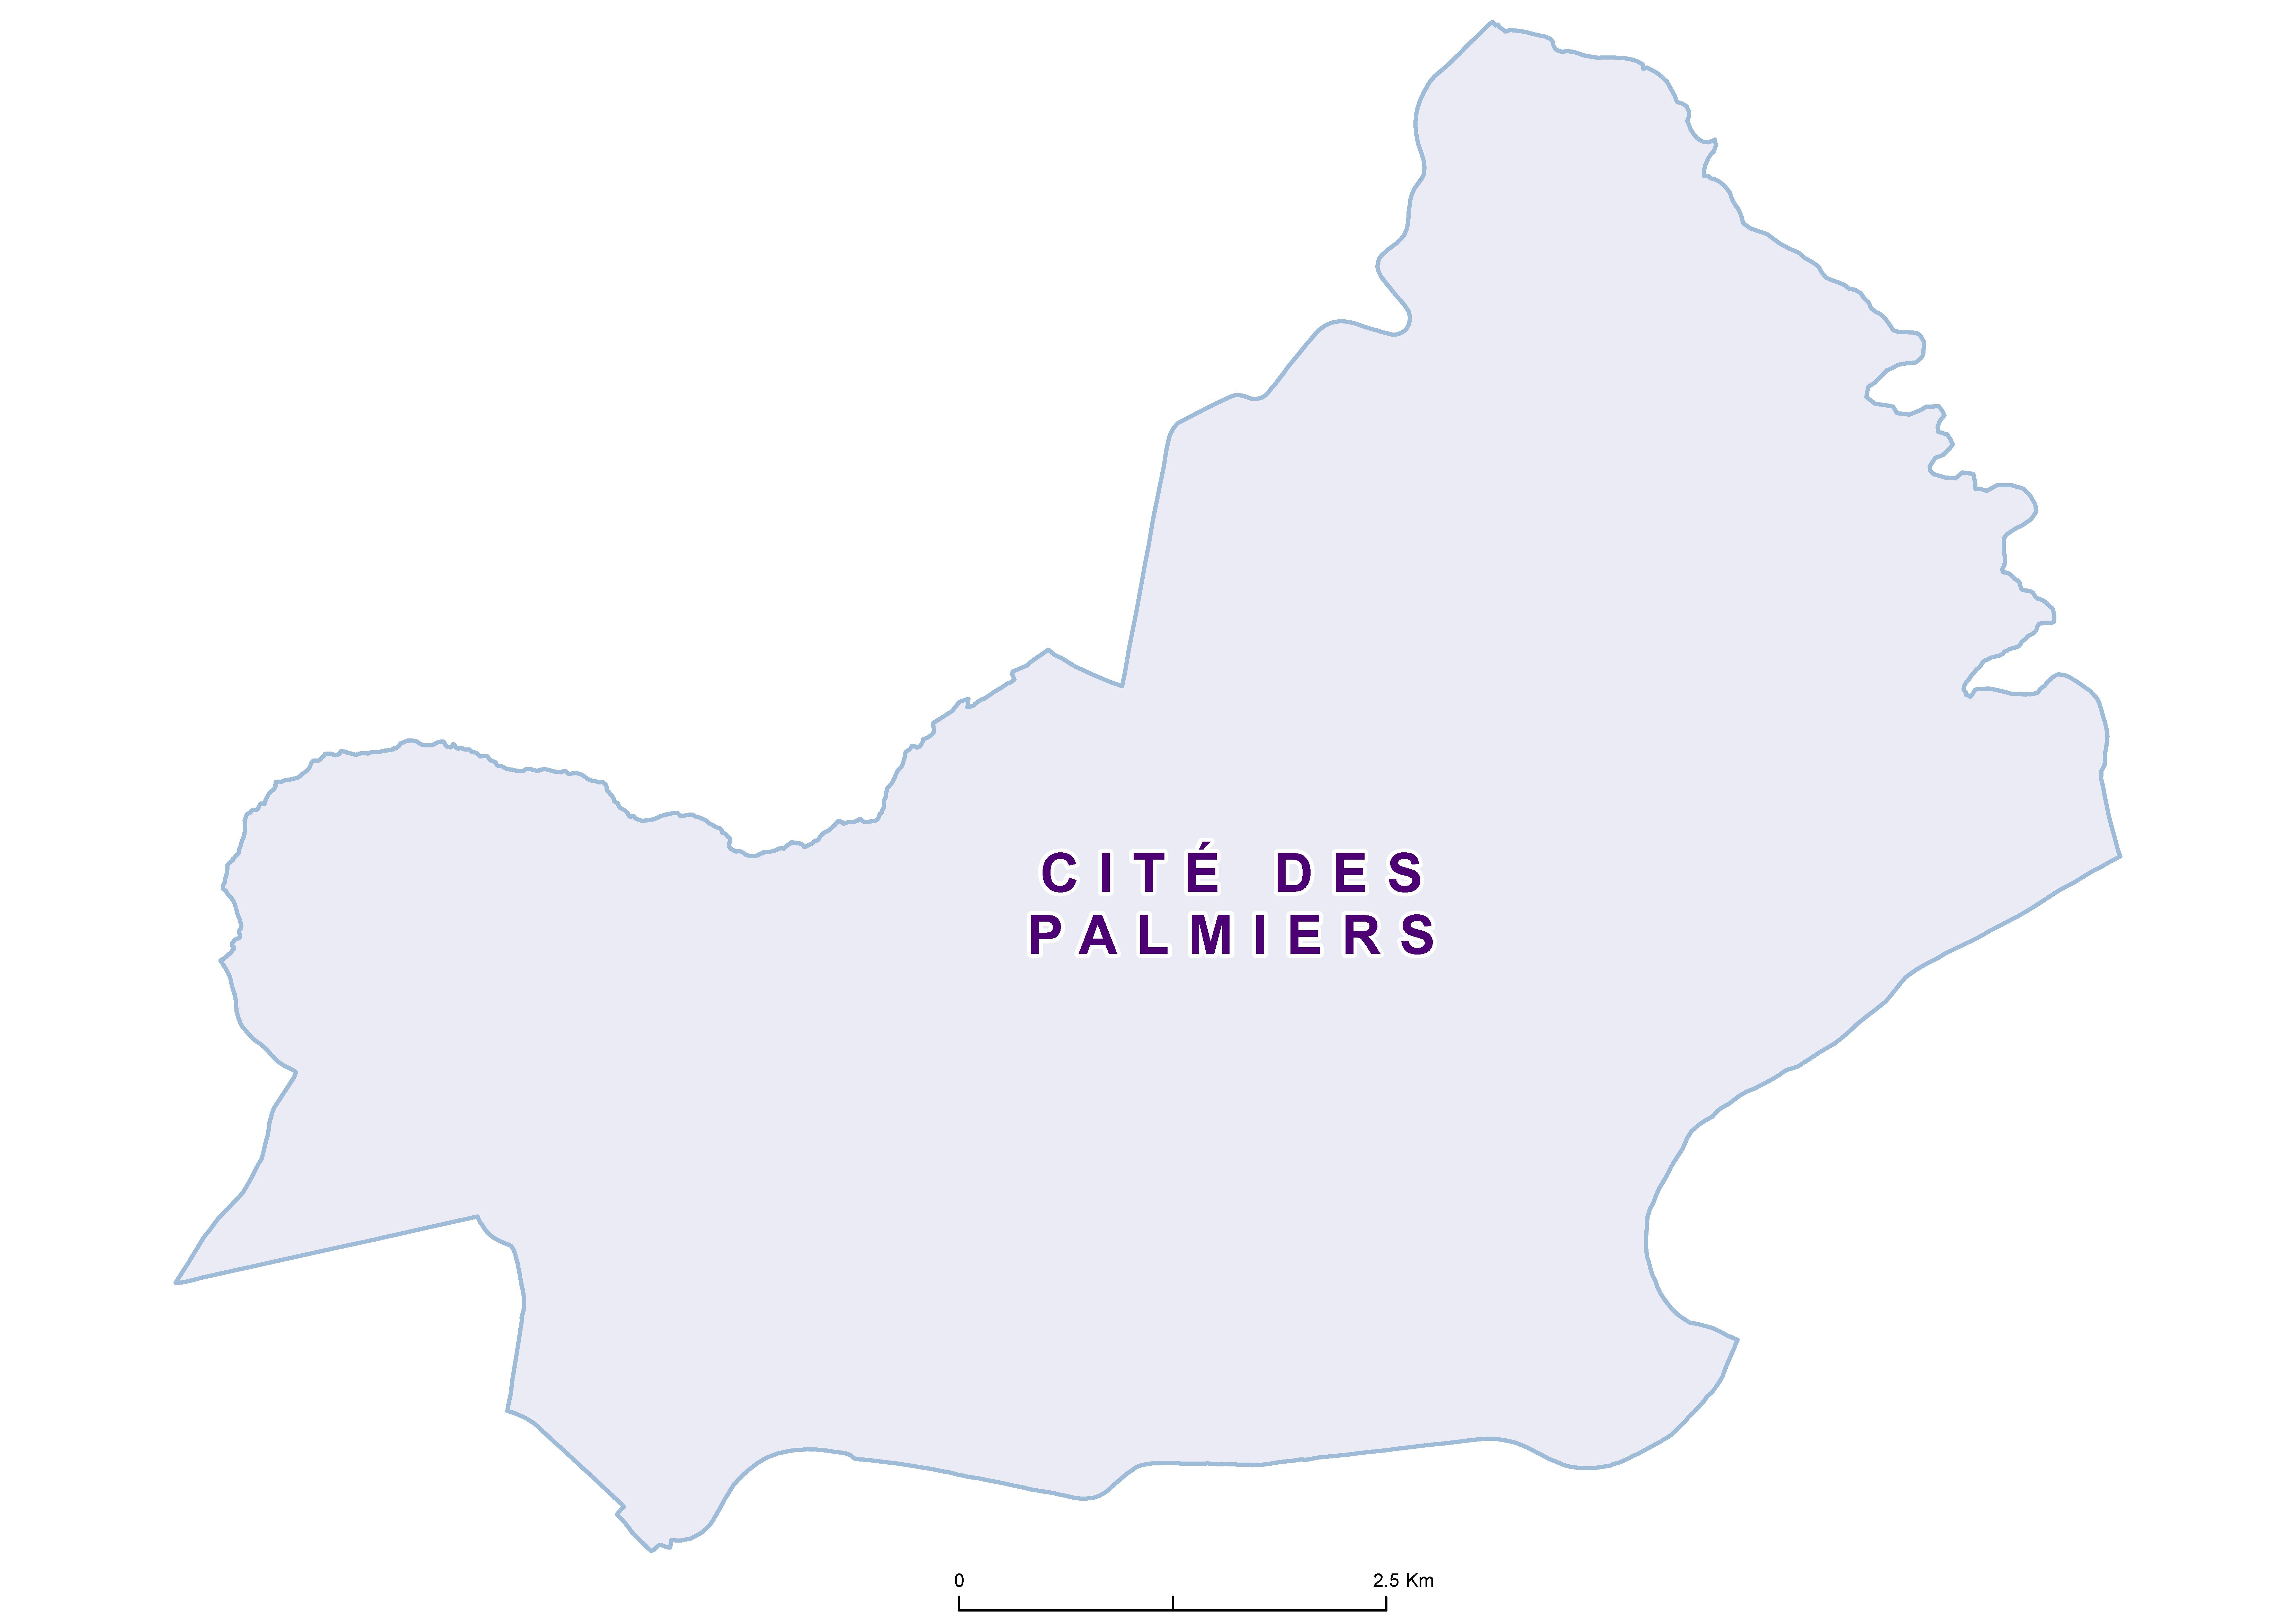 Cité des palmiers Max STH 20180001